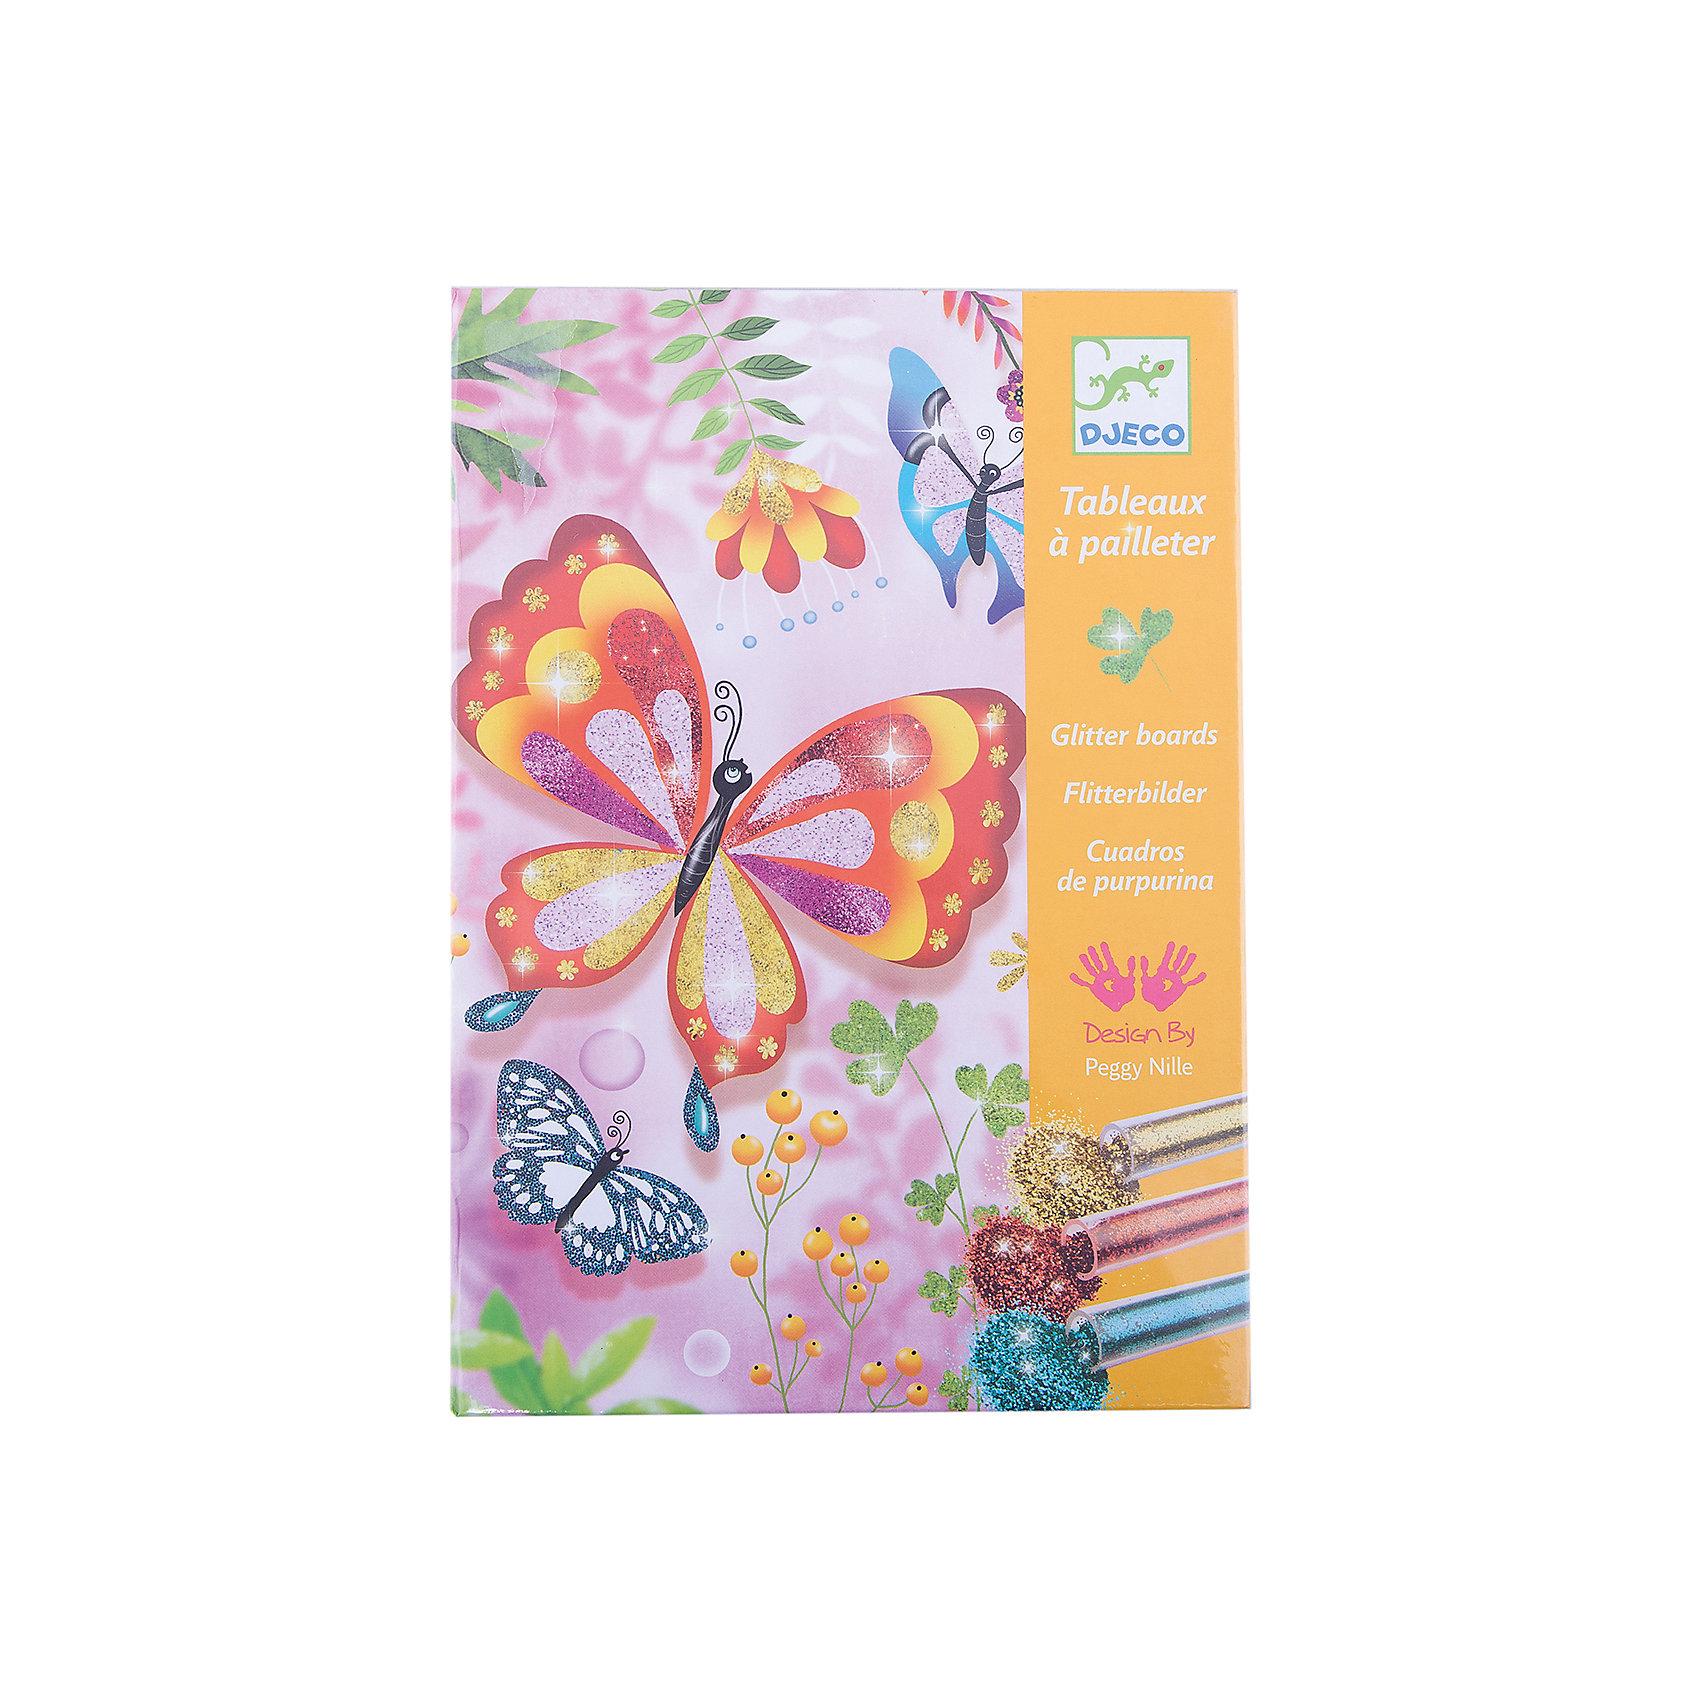 Раскраска Блестящие бабочкиРаскраски по номерам<br>Раскраска Блестящие бабочки – это невероятно красивый и яркий творческий набор для вашей девочки.<br>С помощью раскраски Блестящие бабочки Ваша девочка сможет освоить технику раскрашивания картинок разноцветными блёстками. Картинки, выполненные в этой технике, создают атмосферу сказки и праздничное настроение игрой света, переливами цветов и мерцанием красок. В комплекте Вы найдете картинки-основы с изображением ярких, солнечных бабочек, божьих коровок, стрекоз, пчелок. Поместите картинку в коробку, в которой продается набор. Некоторые участки картинки не раскрашены и имеют клейкую основу. Аккуратно снимите пленку с одного участка и посыпьте из тюбика блестками нужного цвета. Лишние блестки снимите кисточкой или шпателем и через специальное отверстие в коробке пересыпьте их обратно в тюбик. Таким образом, Вы можете экономно расходовать блестки, и рабочее место останется чистым. Так раскрасьте всю картинку. Техника рисование блестками имеет большое преимущество - работы всегда получаются яркими, красочными и волшебными. Творя, ребенок развивает усидчивость, творческие навыки, воображения и фантазию.<br><br>Дополнительная информация:<br><br>- В наборе: 4 клеящиеся картинки (150х210 мм), 6 тюбиков с разноцветными блёстками, кисть, стек, пошаговая инструкция.<br>- Размер упаковки: 23 х 17 х 4 см.<br>- Вес: 450 гр.<br><br>Раскраску Блестящие бабочки можно купить в нашем интернет-магазине.<br><br>Ширина мм: 230<br>Глубина мм: 170<br>Высота мм: 40<br>Вес г: 450<br>Возраст от месяцев: 84<br>Возраст до месяцев: 156<br>Пол: Женский<br>Возраст: Детский<br>SKU: 4305765